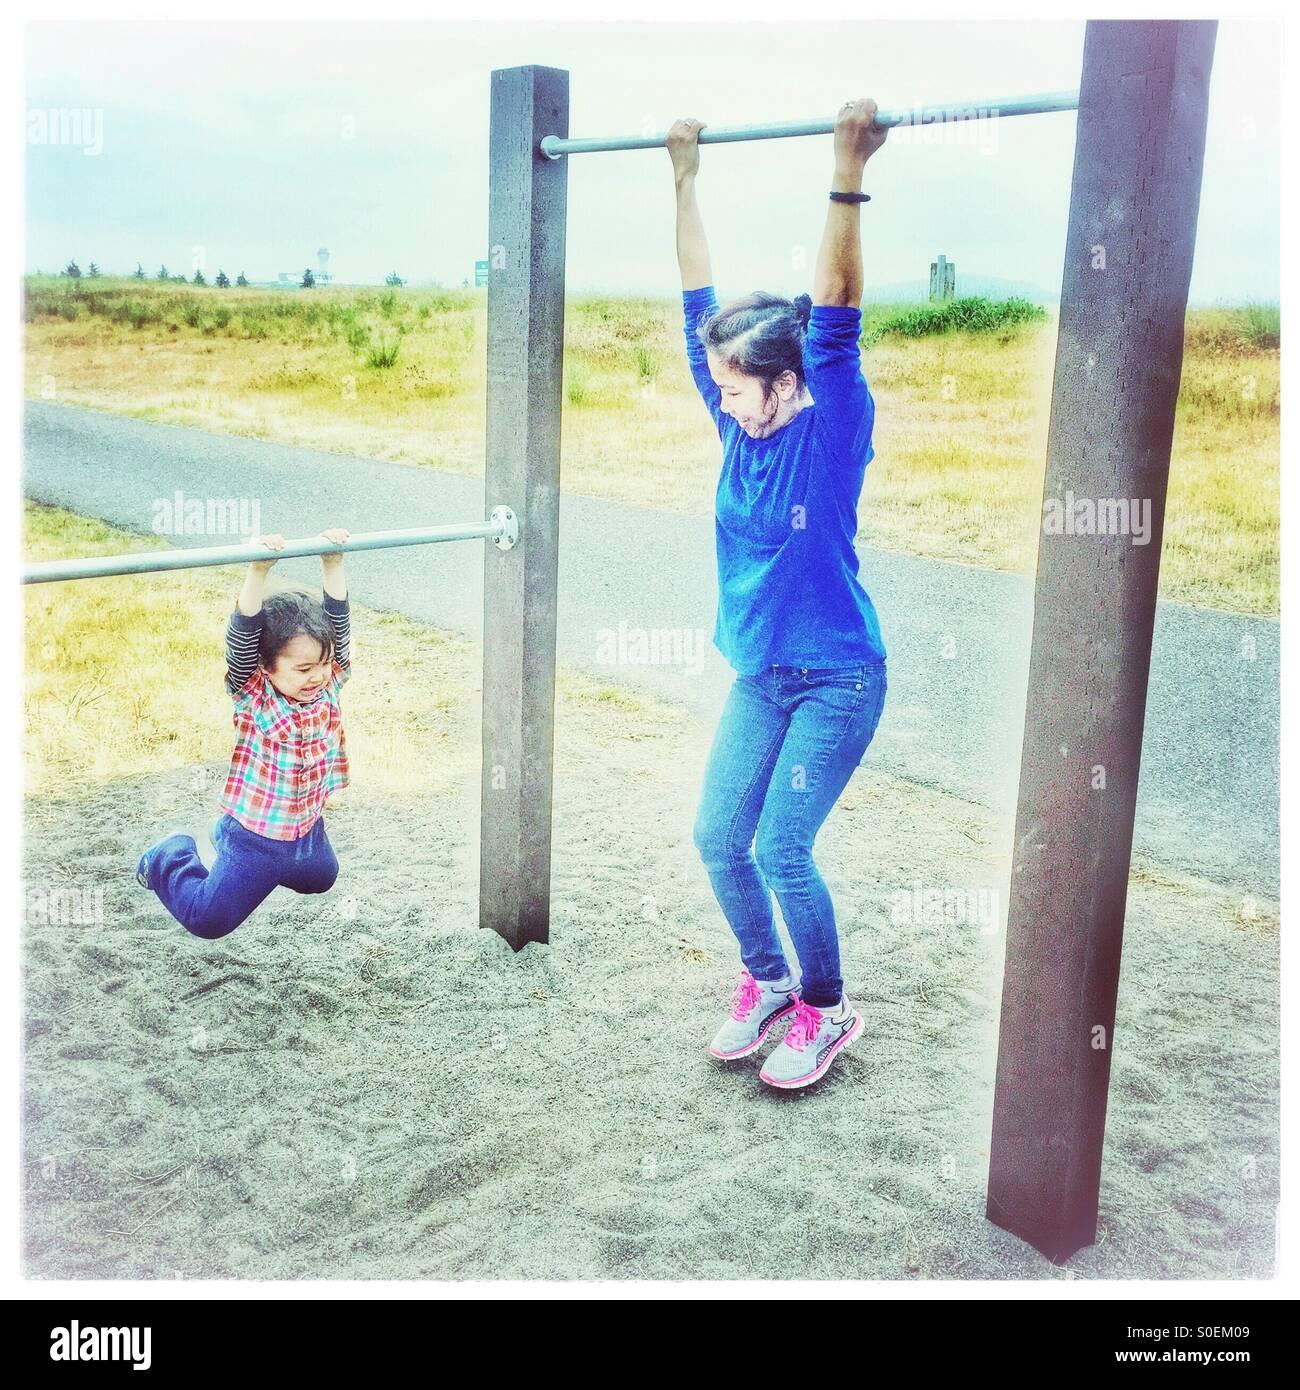 Una madre y un niño cada encontrar contiguas a los bares de pull-up su tamaño para el ejercicio y la diversión Imagen De Stock